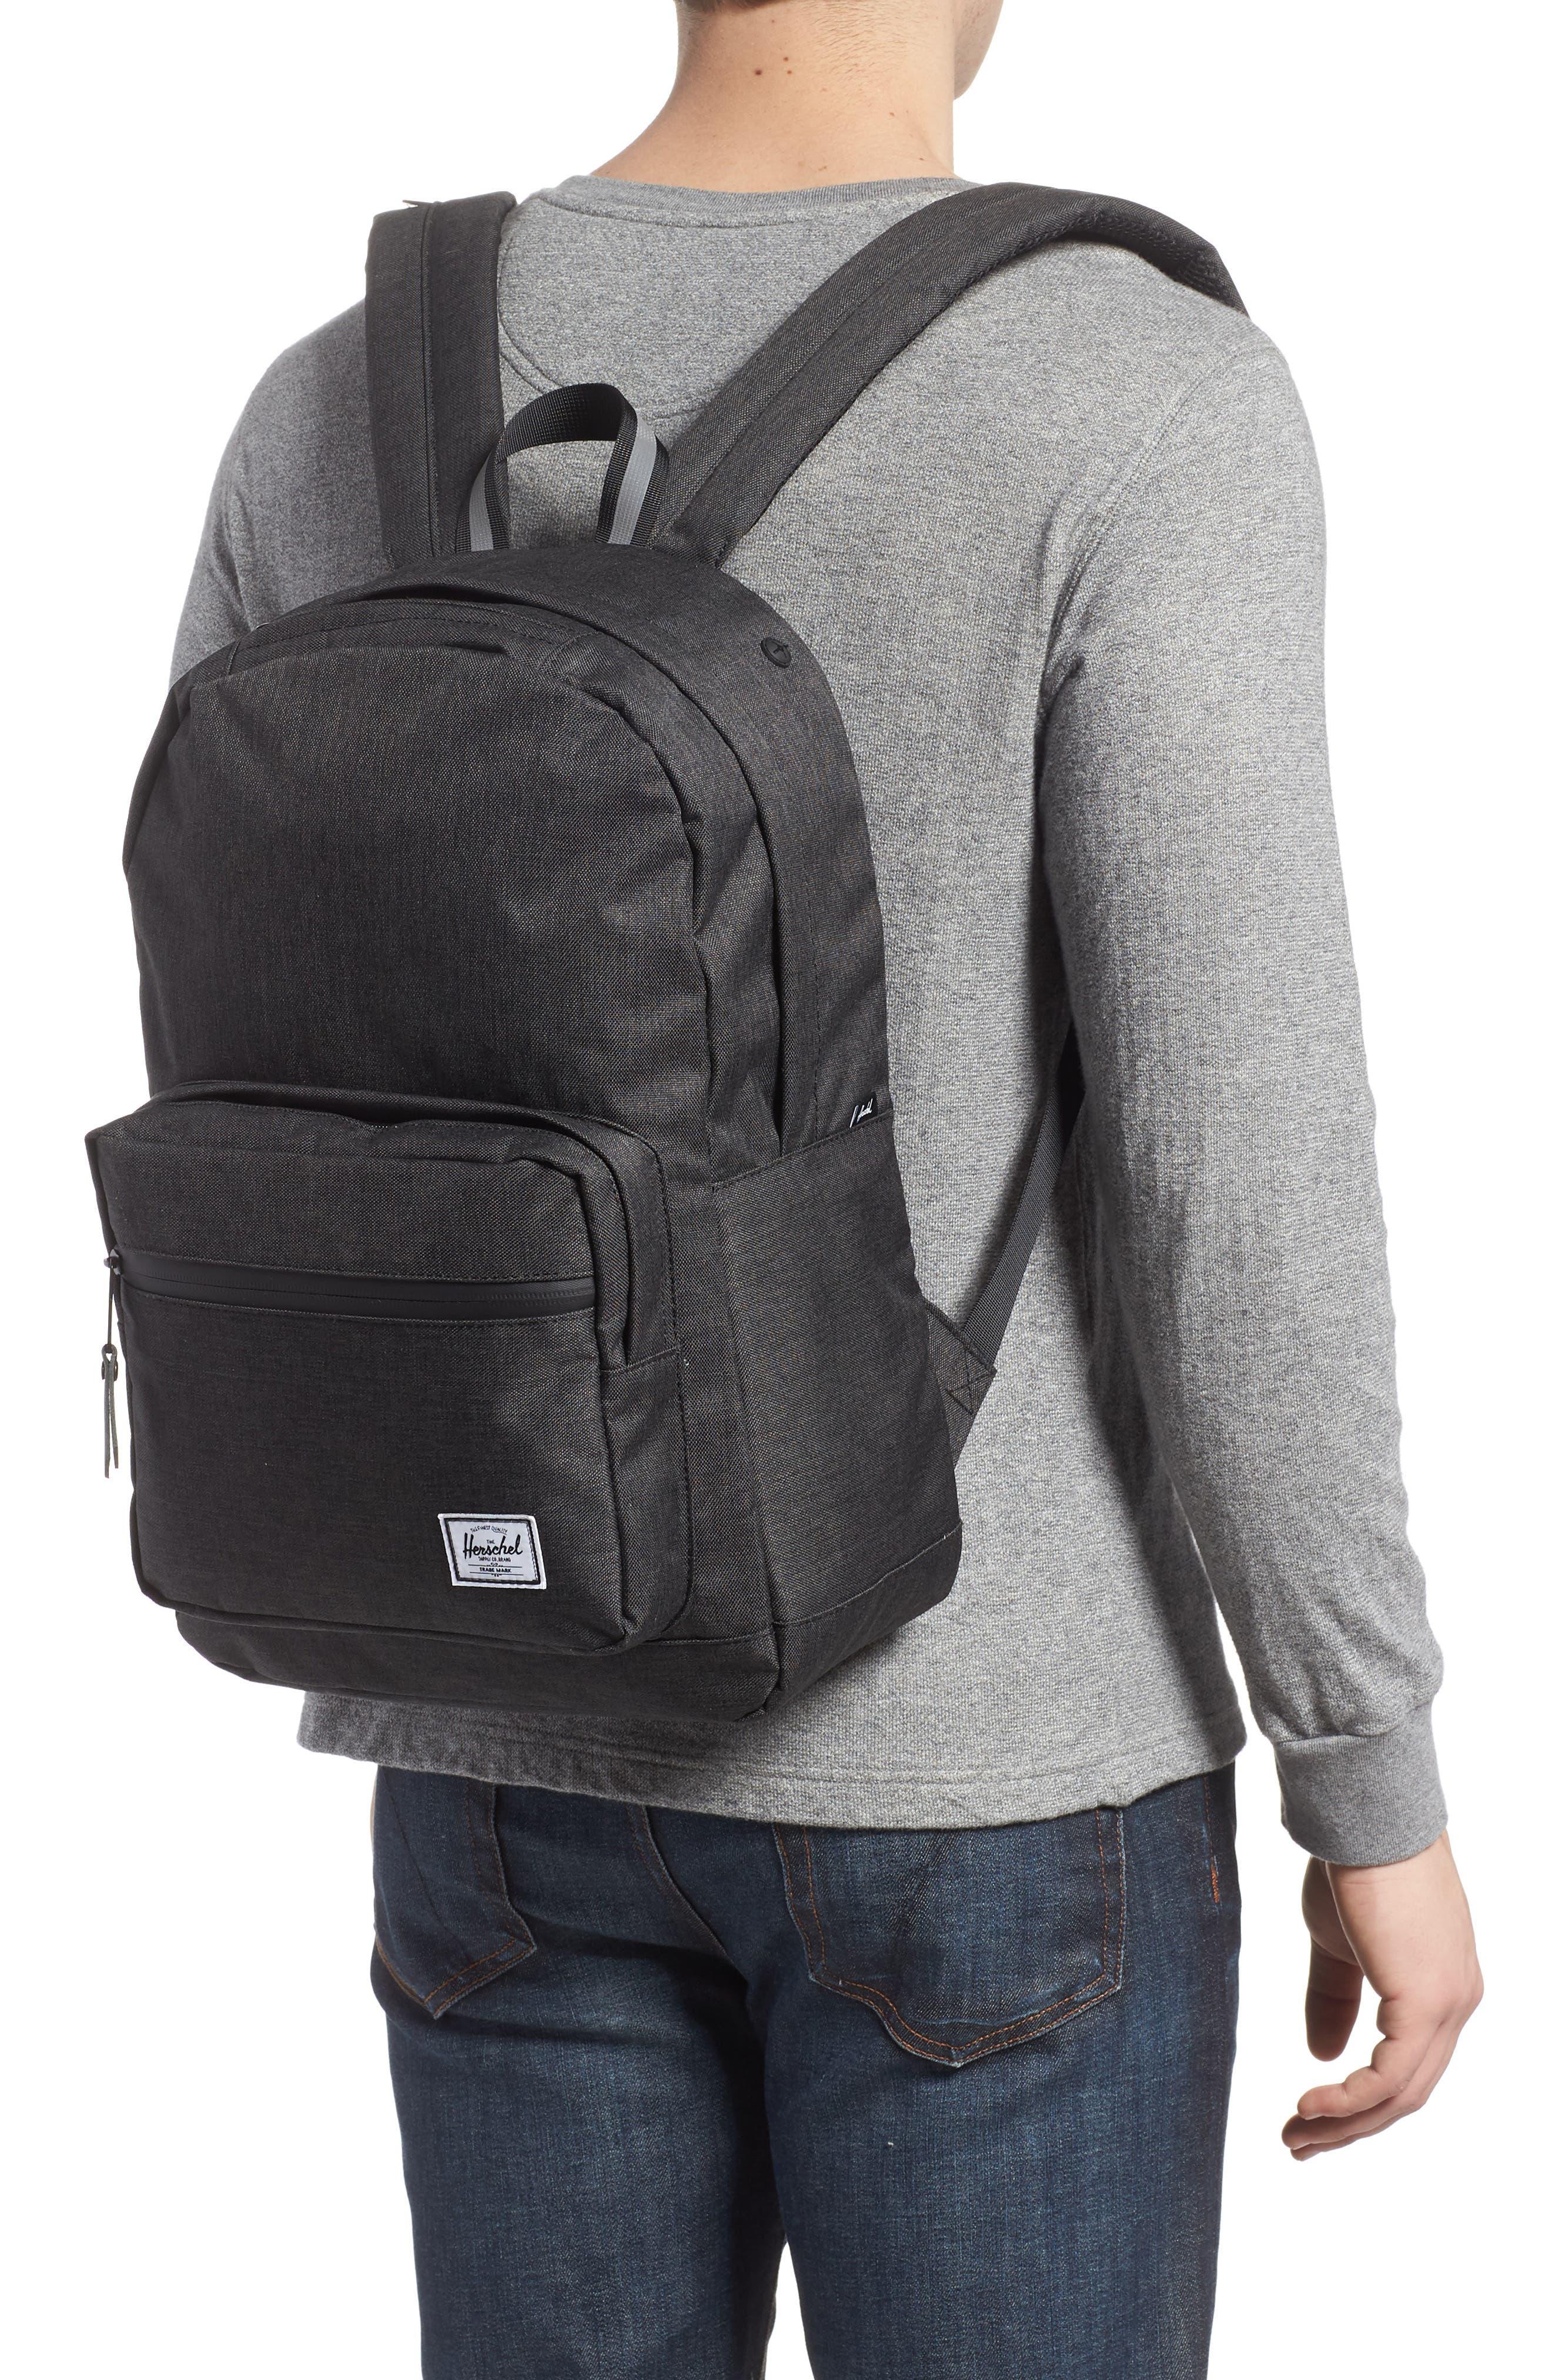 Alternate Image 3  - Herschel Supply Co. Pop Quiz - Reflective Backpack